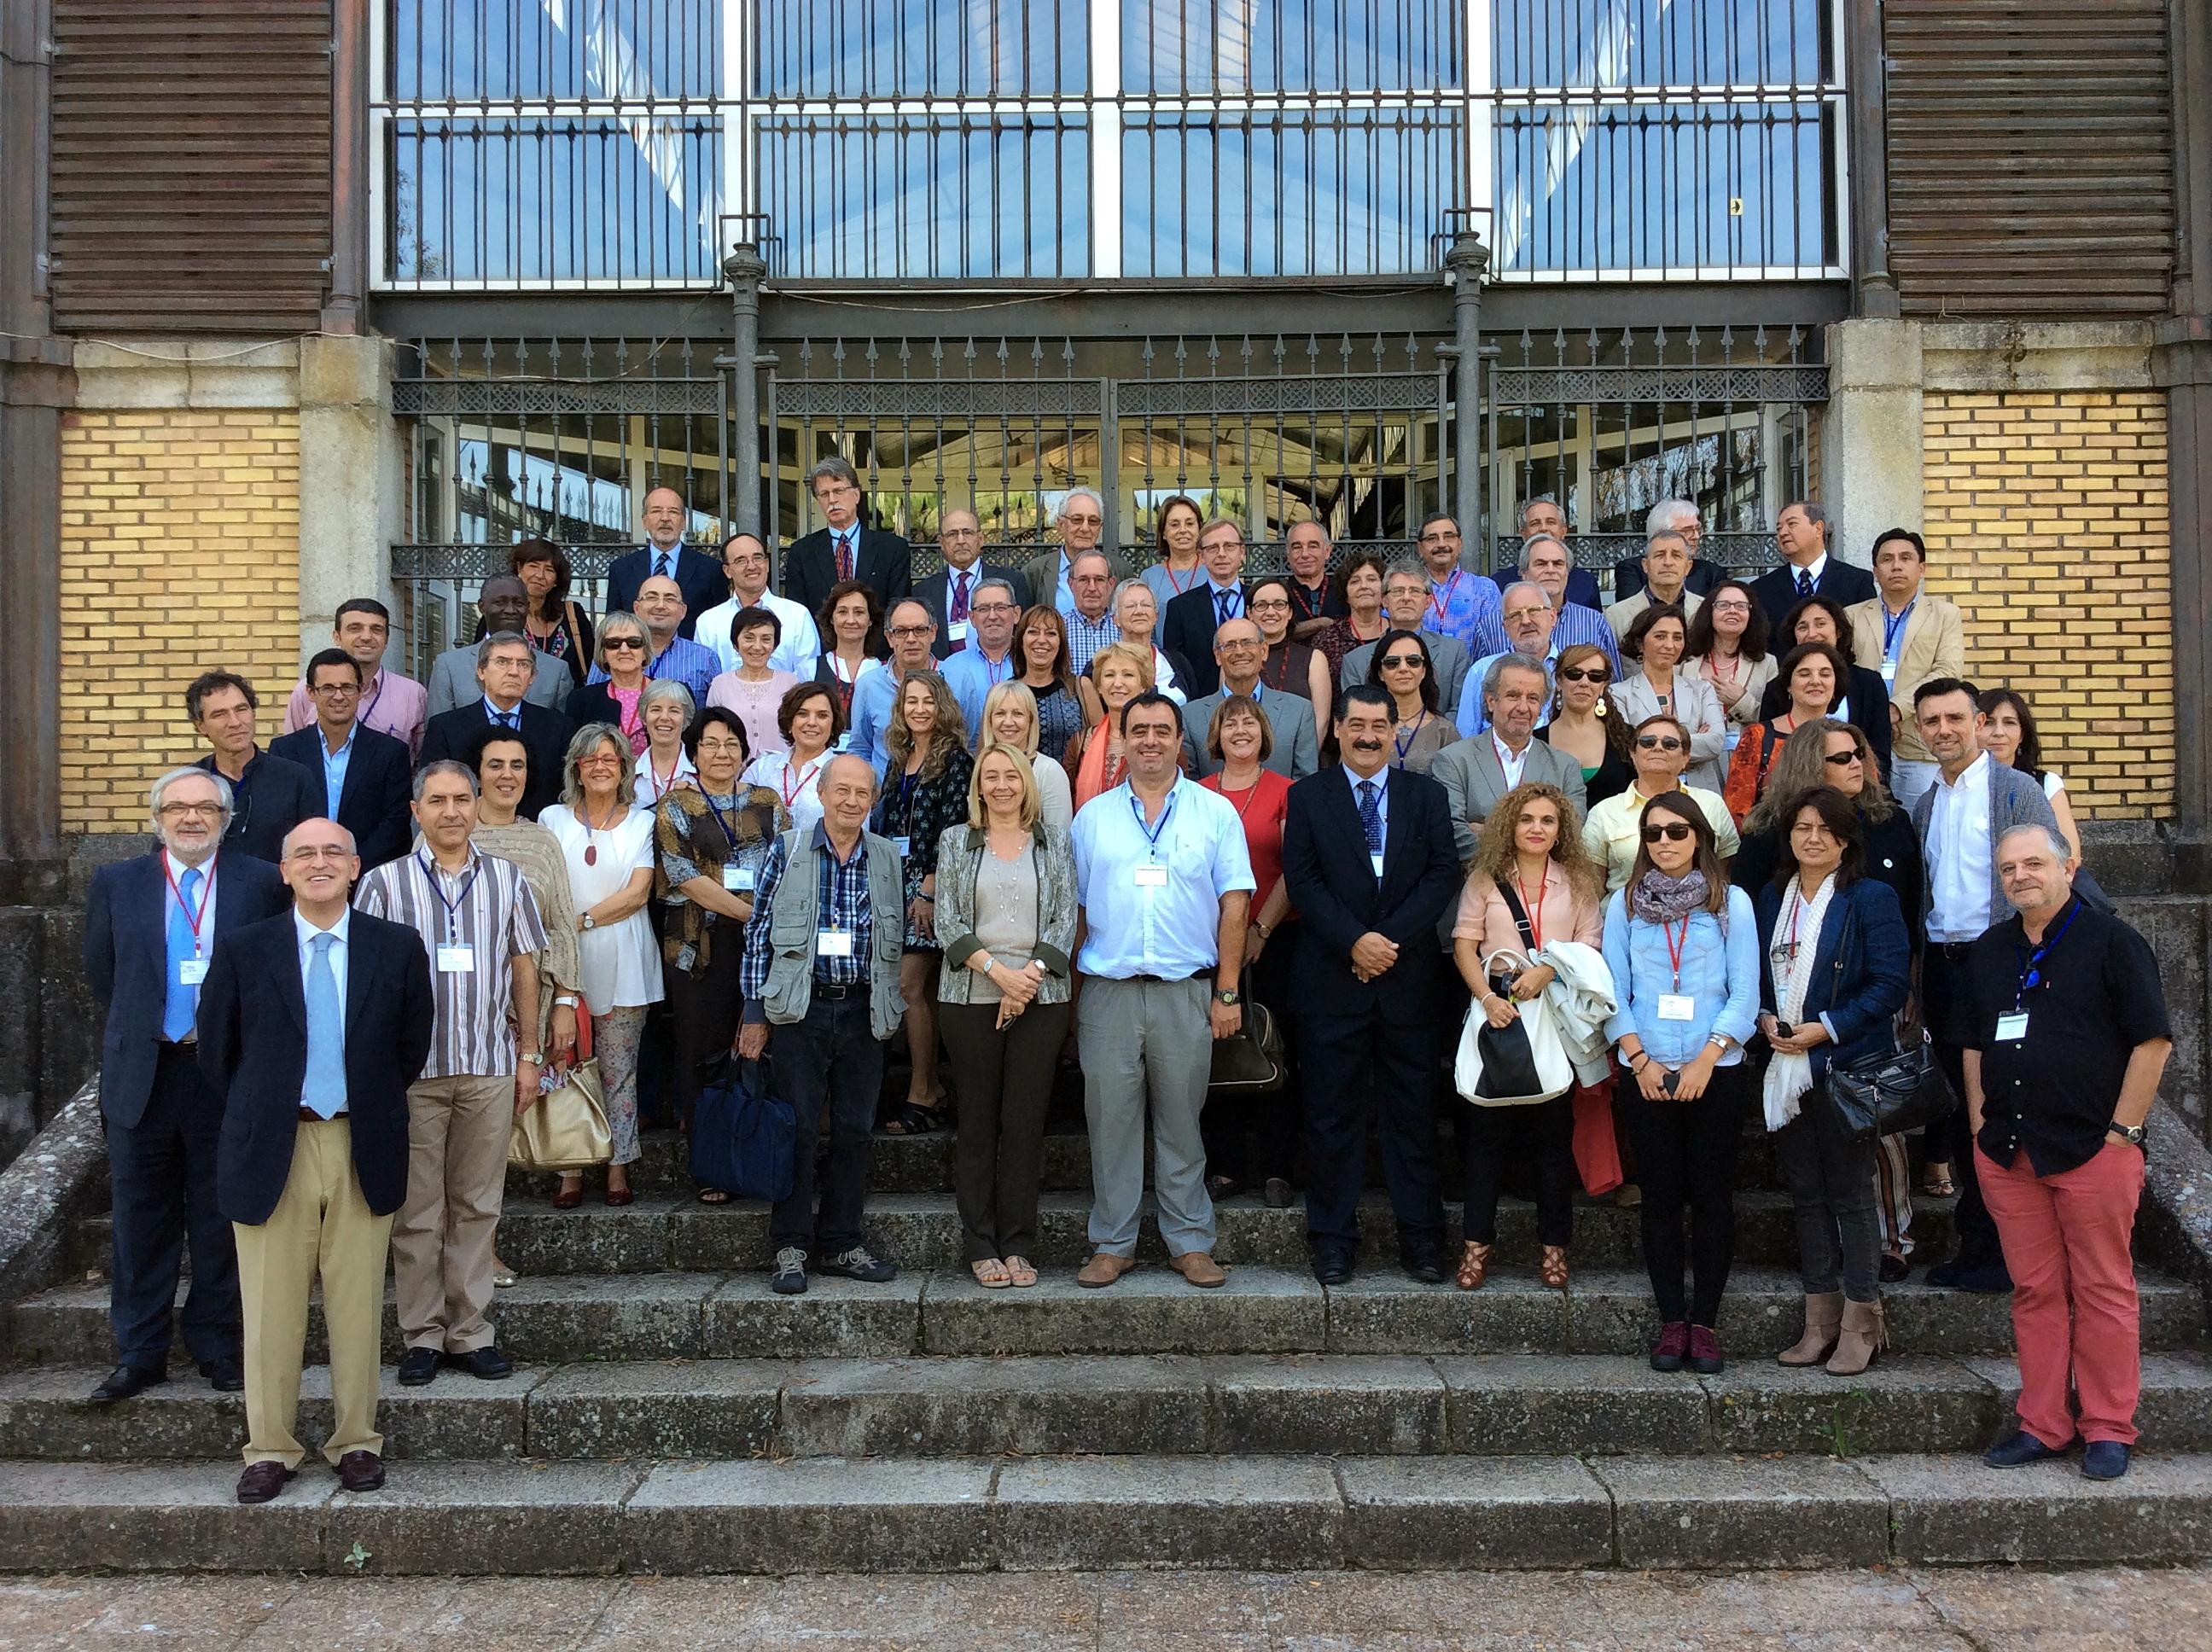 El defensor universitario de la Universidad de Salamanca participa en el encuentro estatal anual de los defensores universitarios